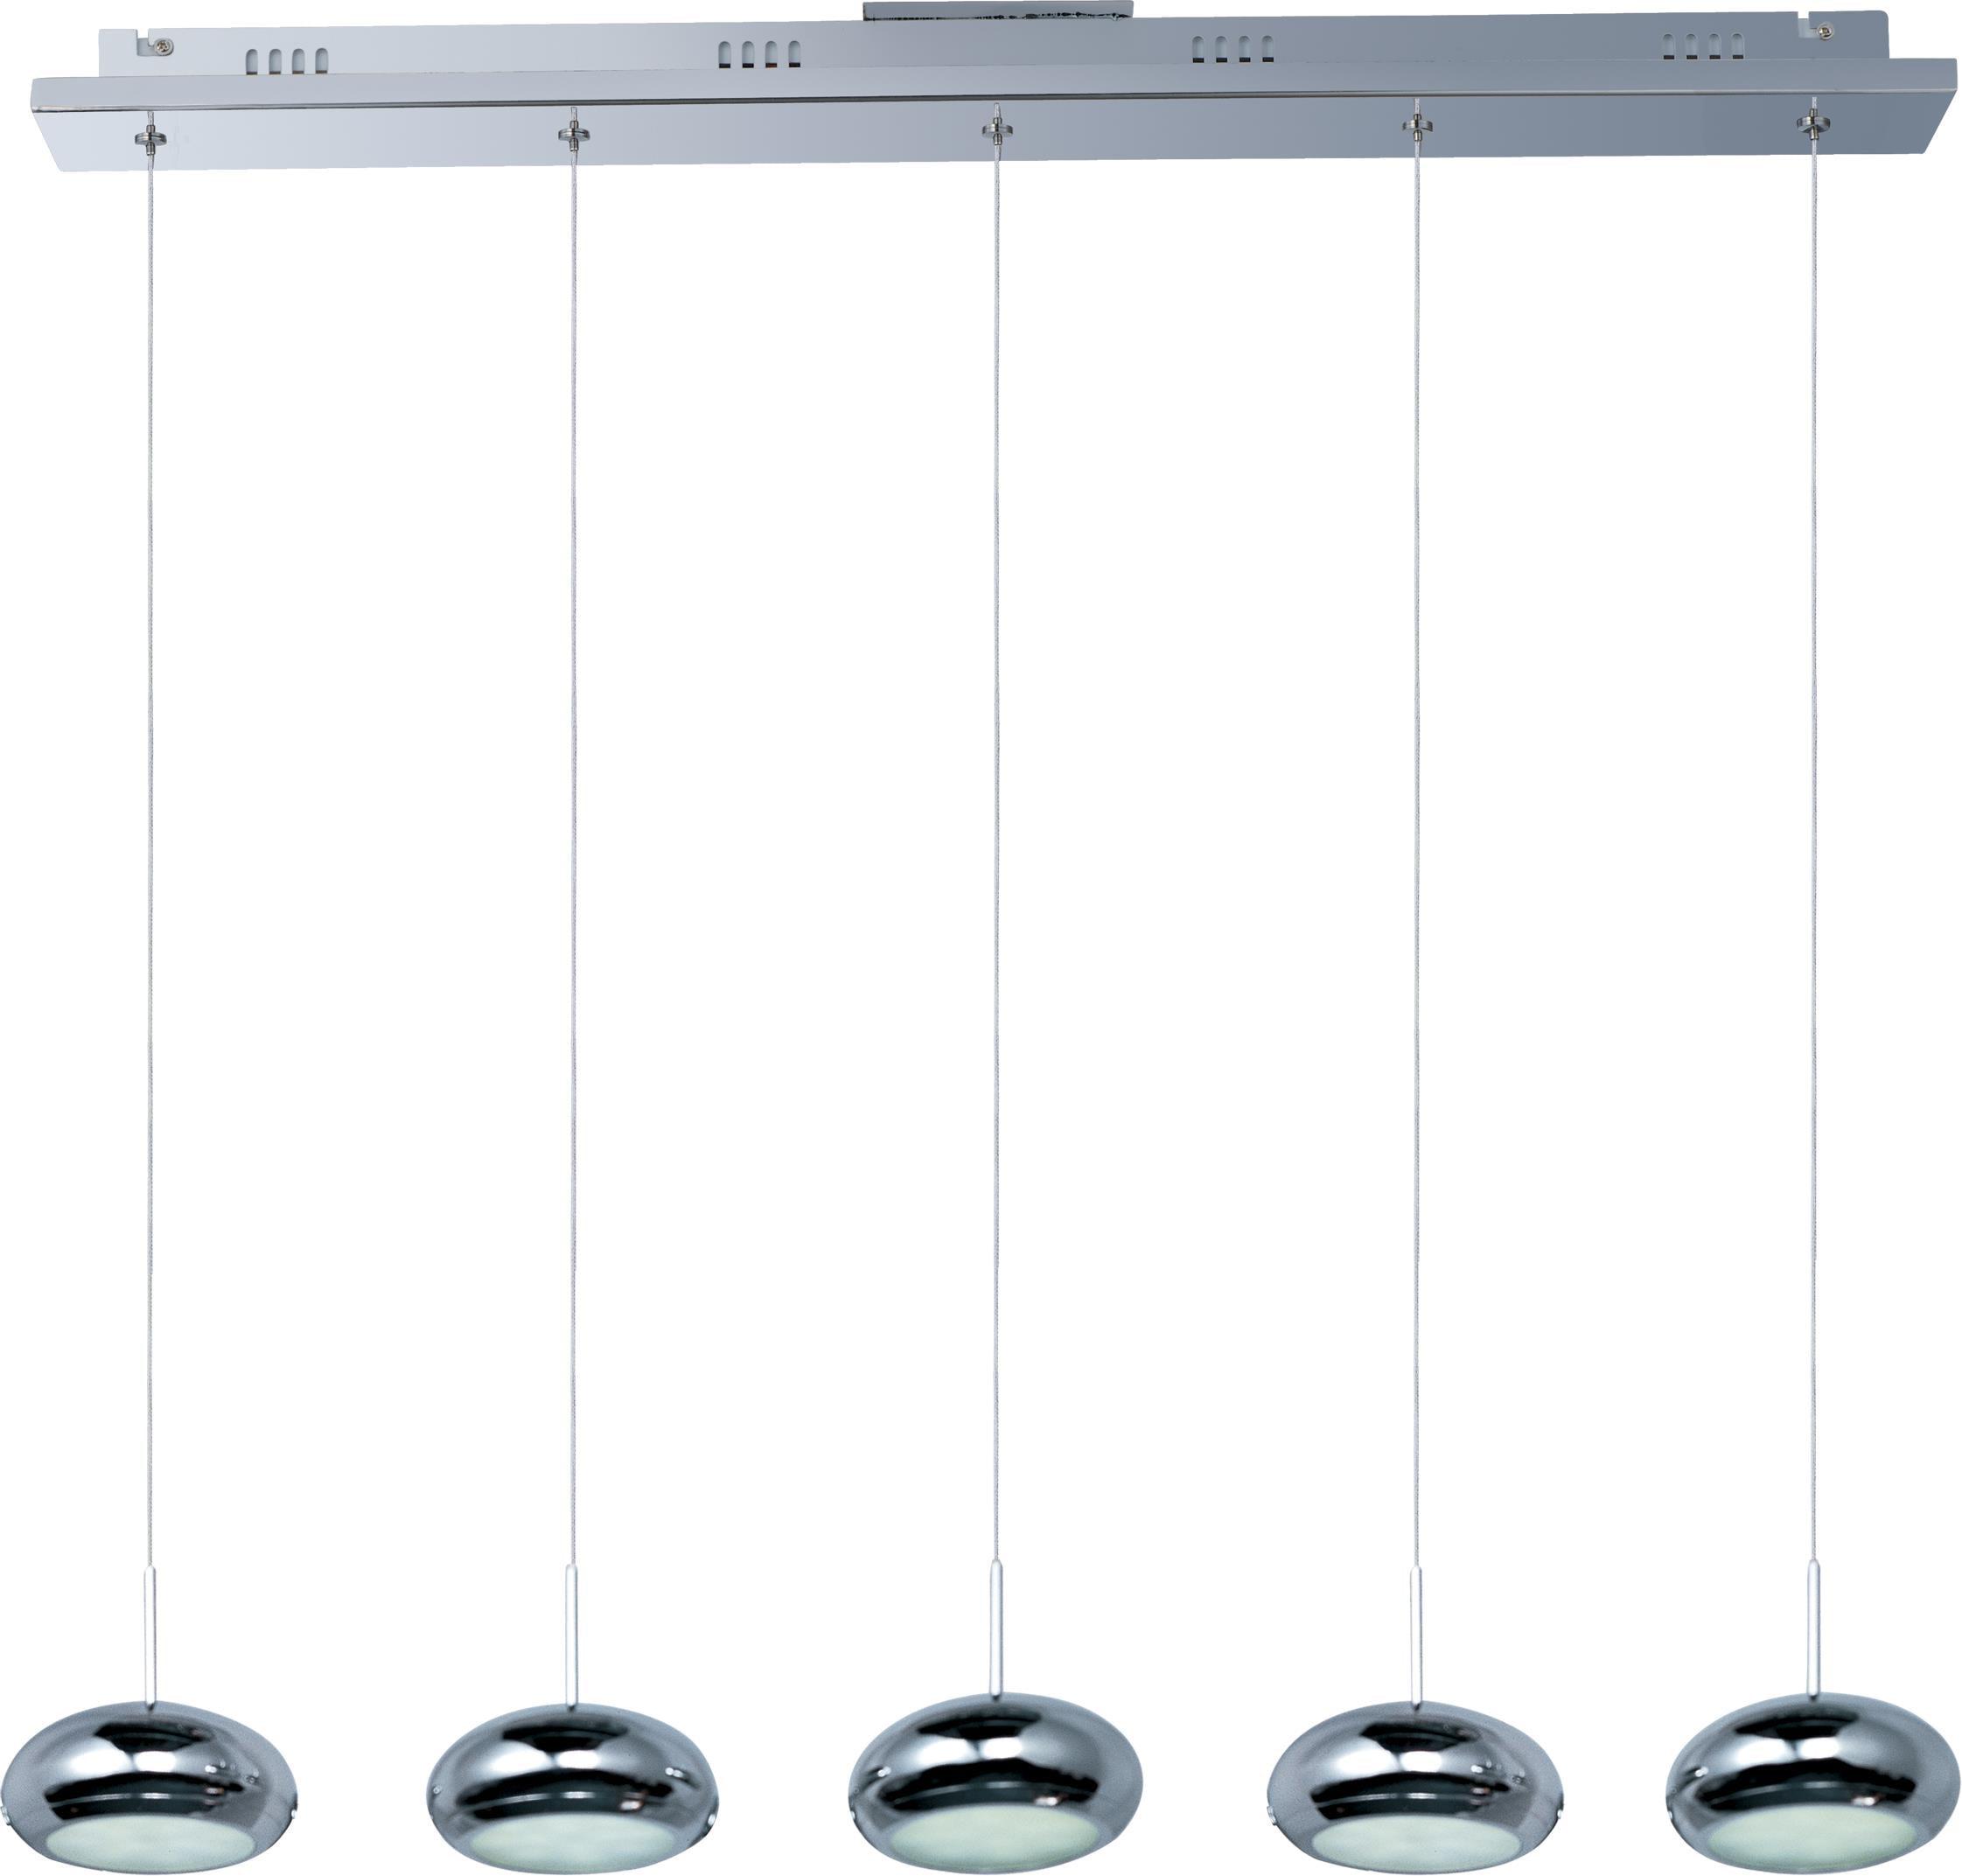 ET2 E22255-PC Dial 5 Light LED Foyer Pendant, Polished Chrome